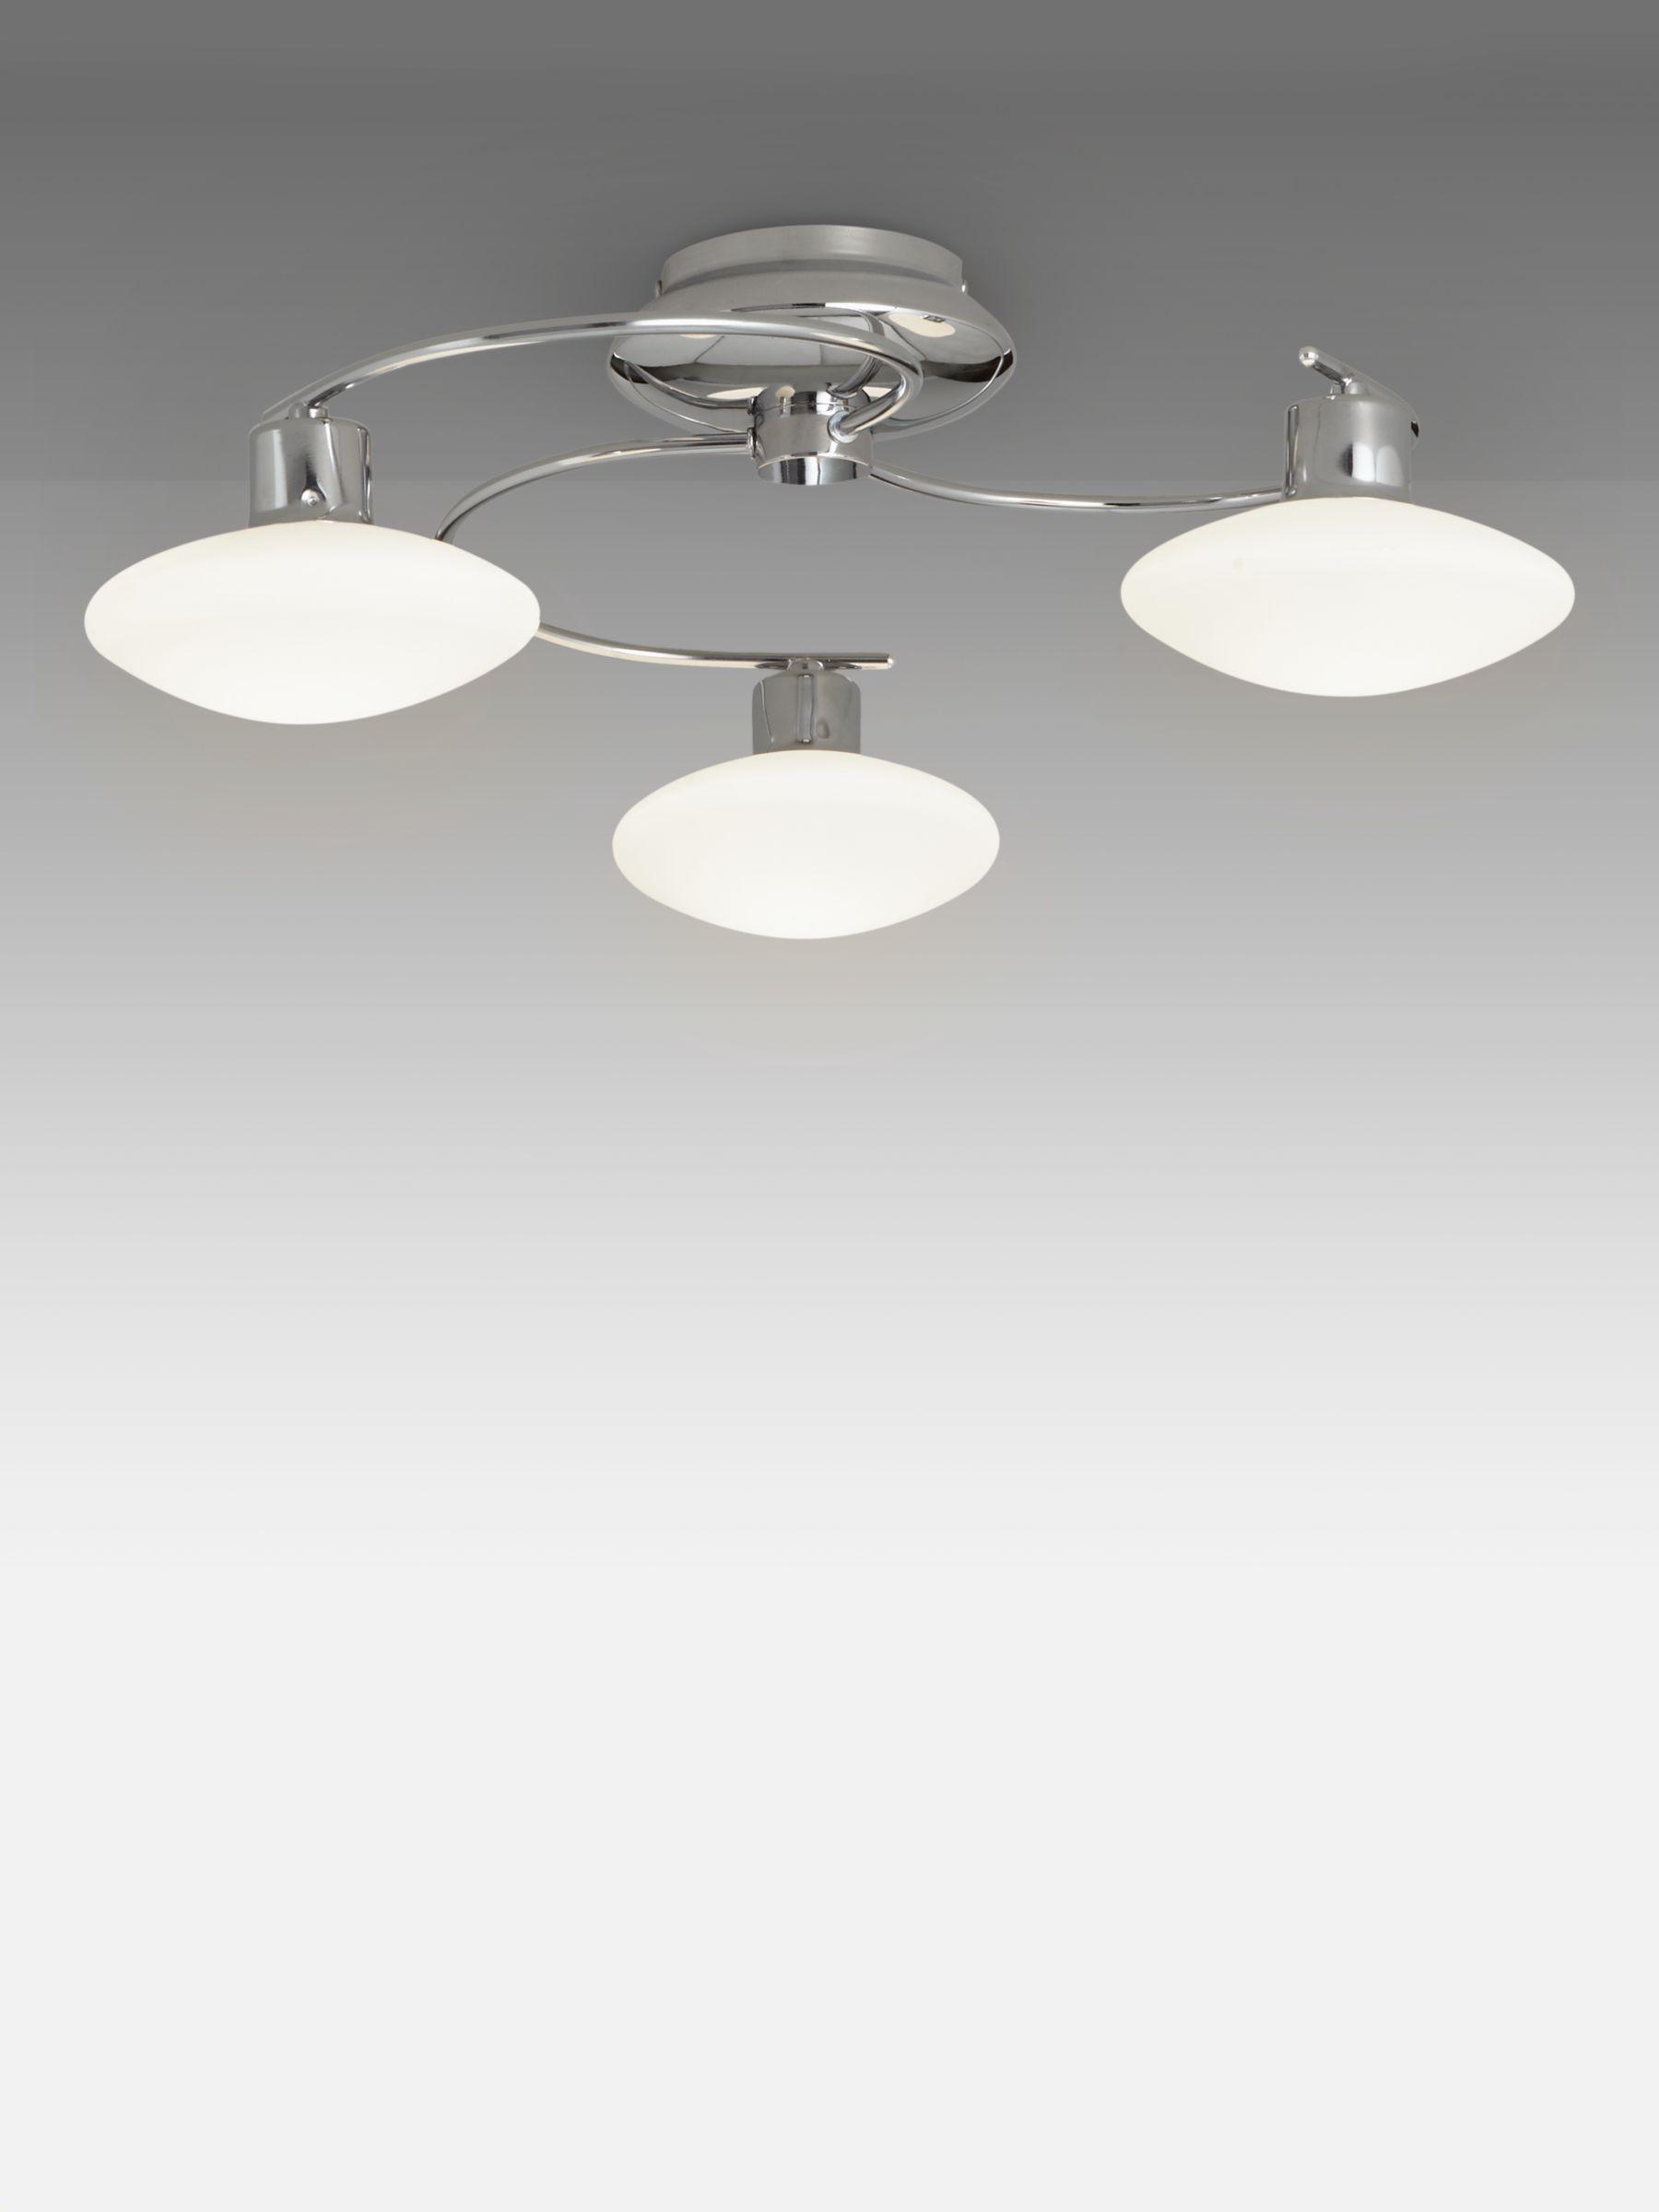 John Lewis & Partners Tameo LED Semi Flush 14 Arm Ceiling Light, Chrome